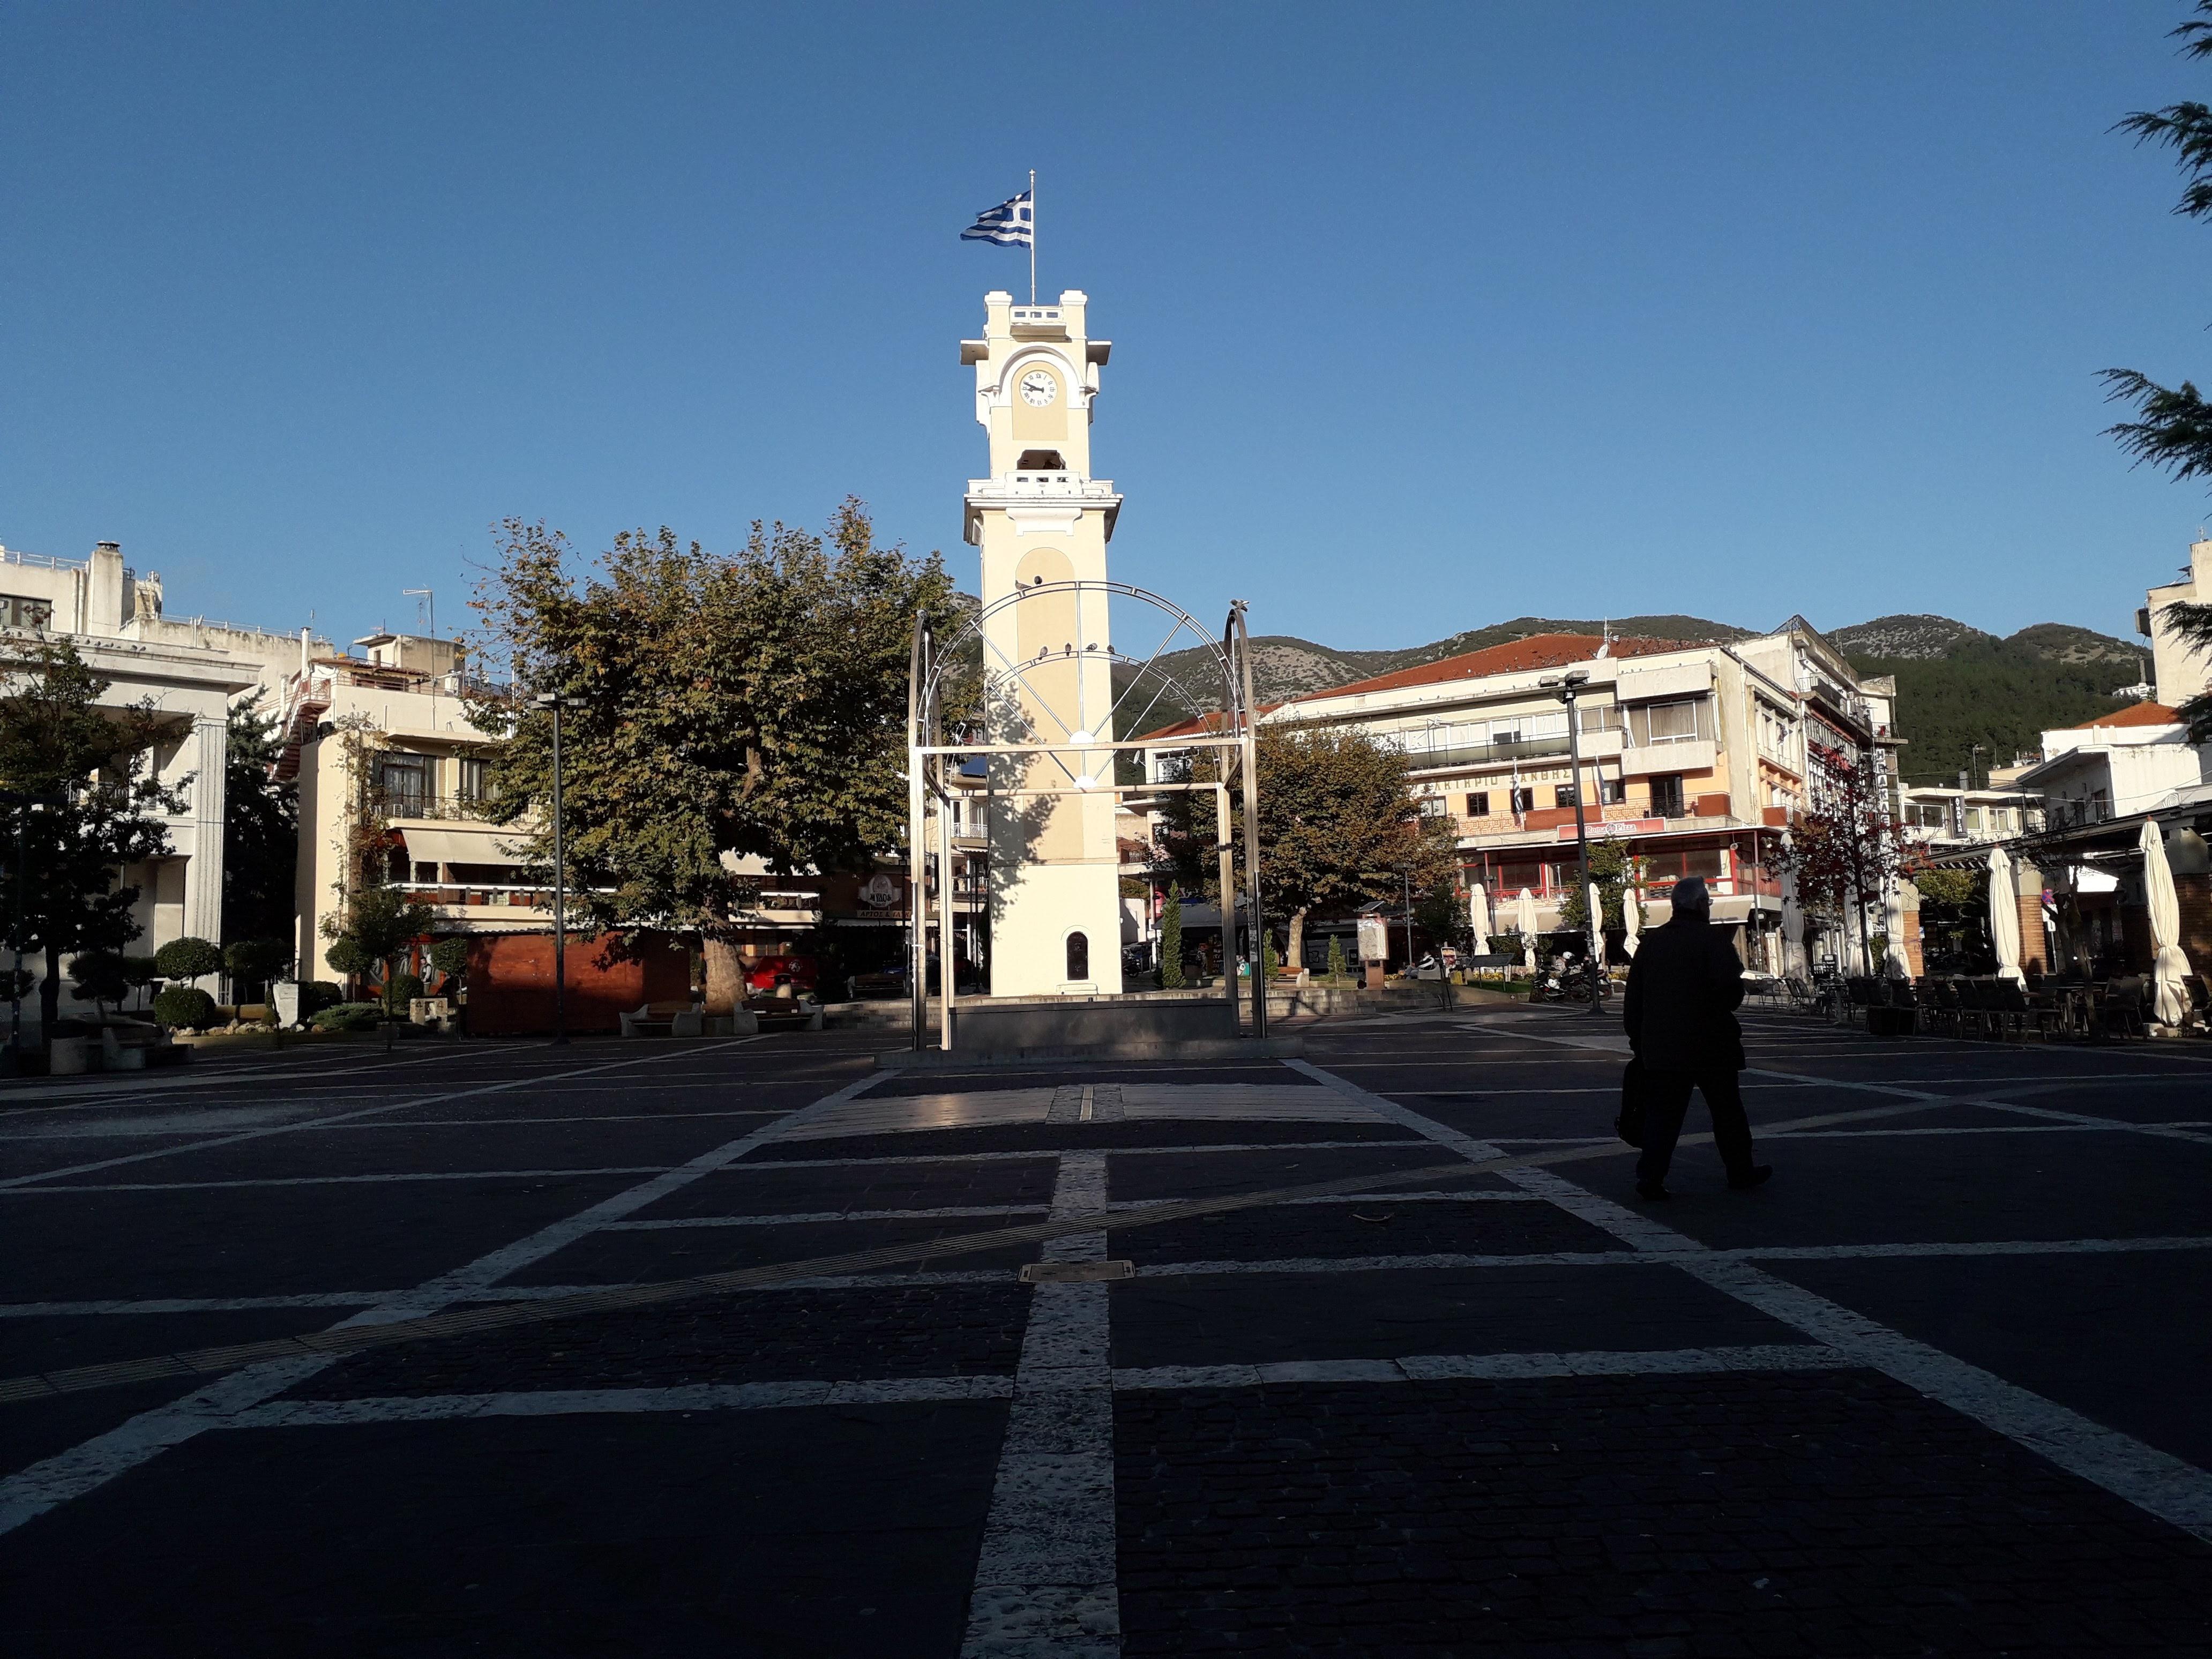 Γονατίζει το λιανικό εμπόριο στη Θράκη – Τι ζητούν οι επιχειρηματίες